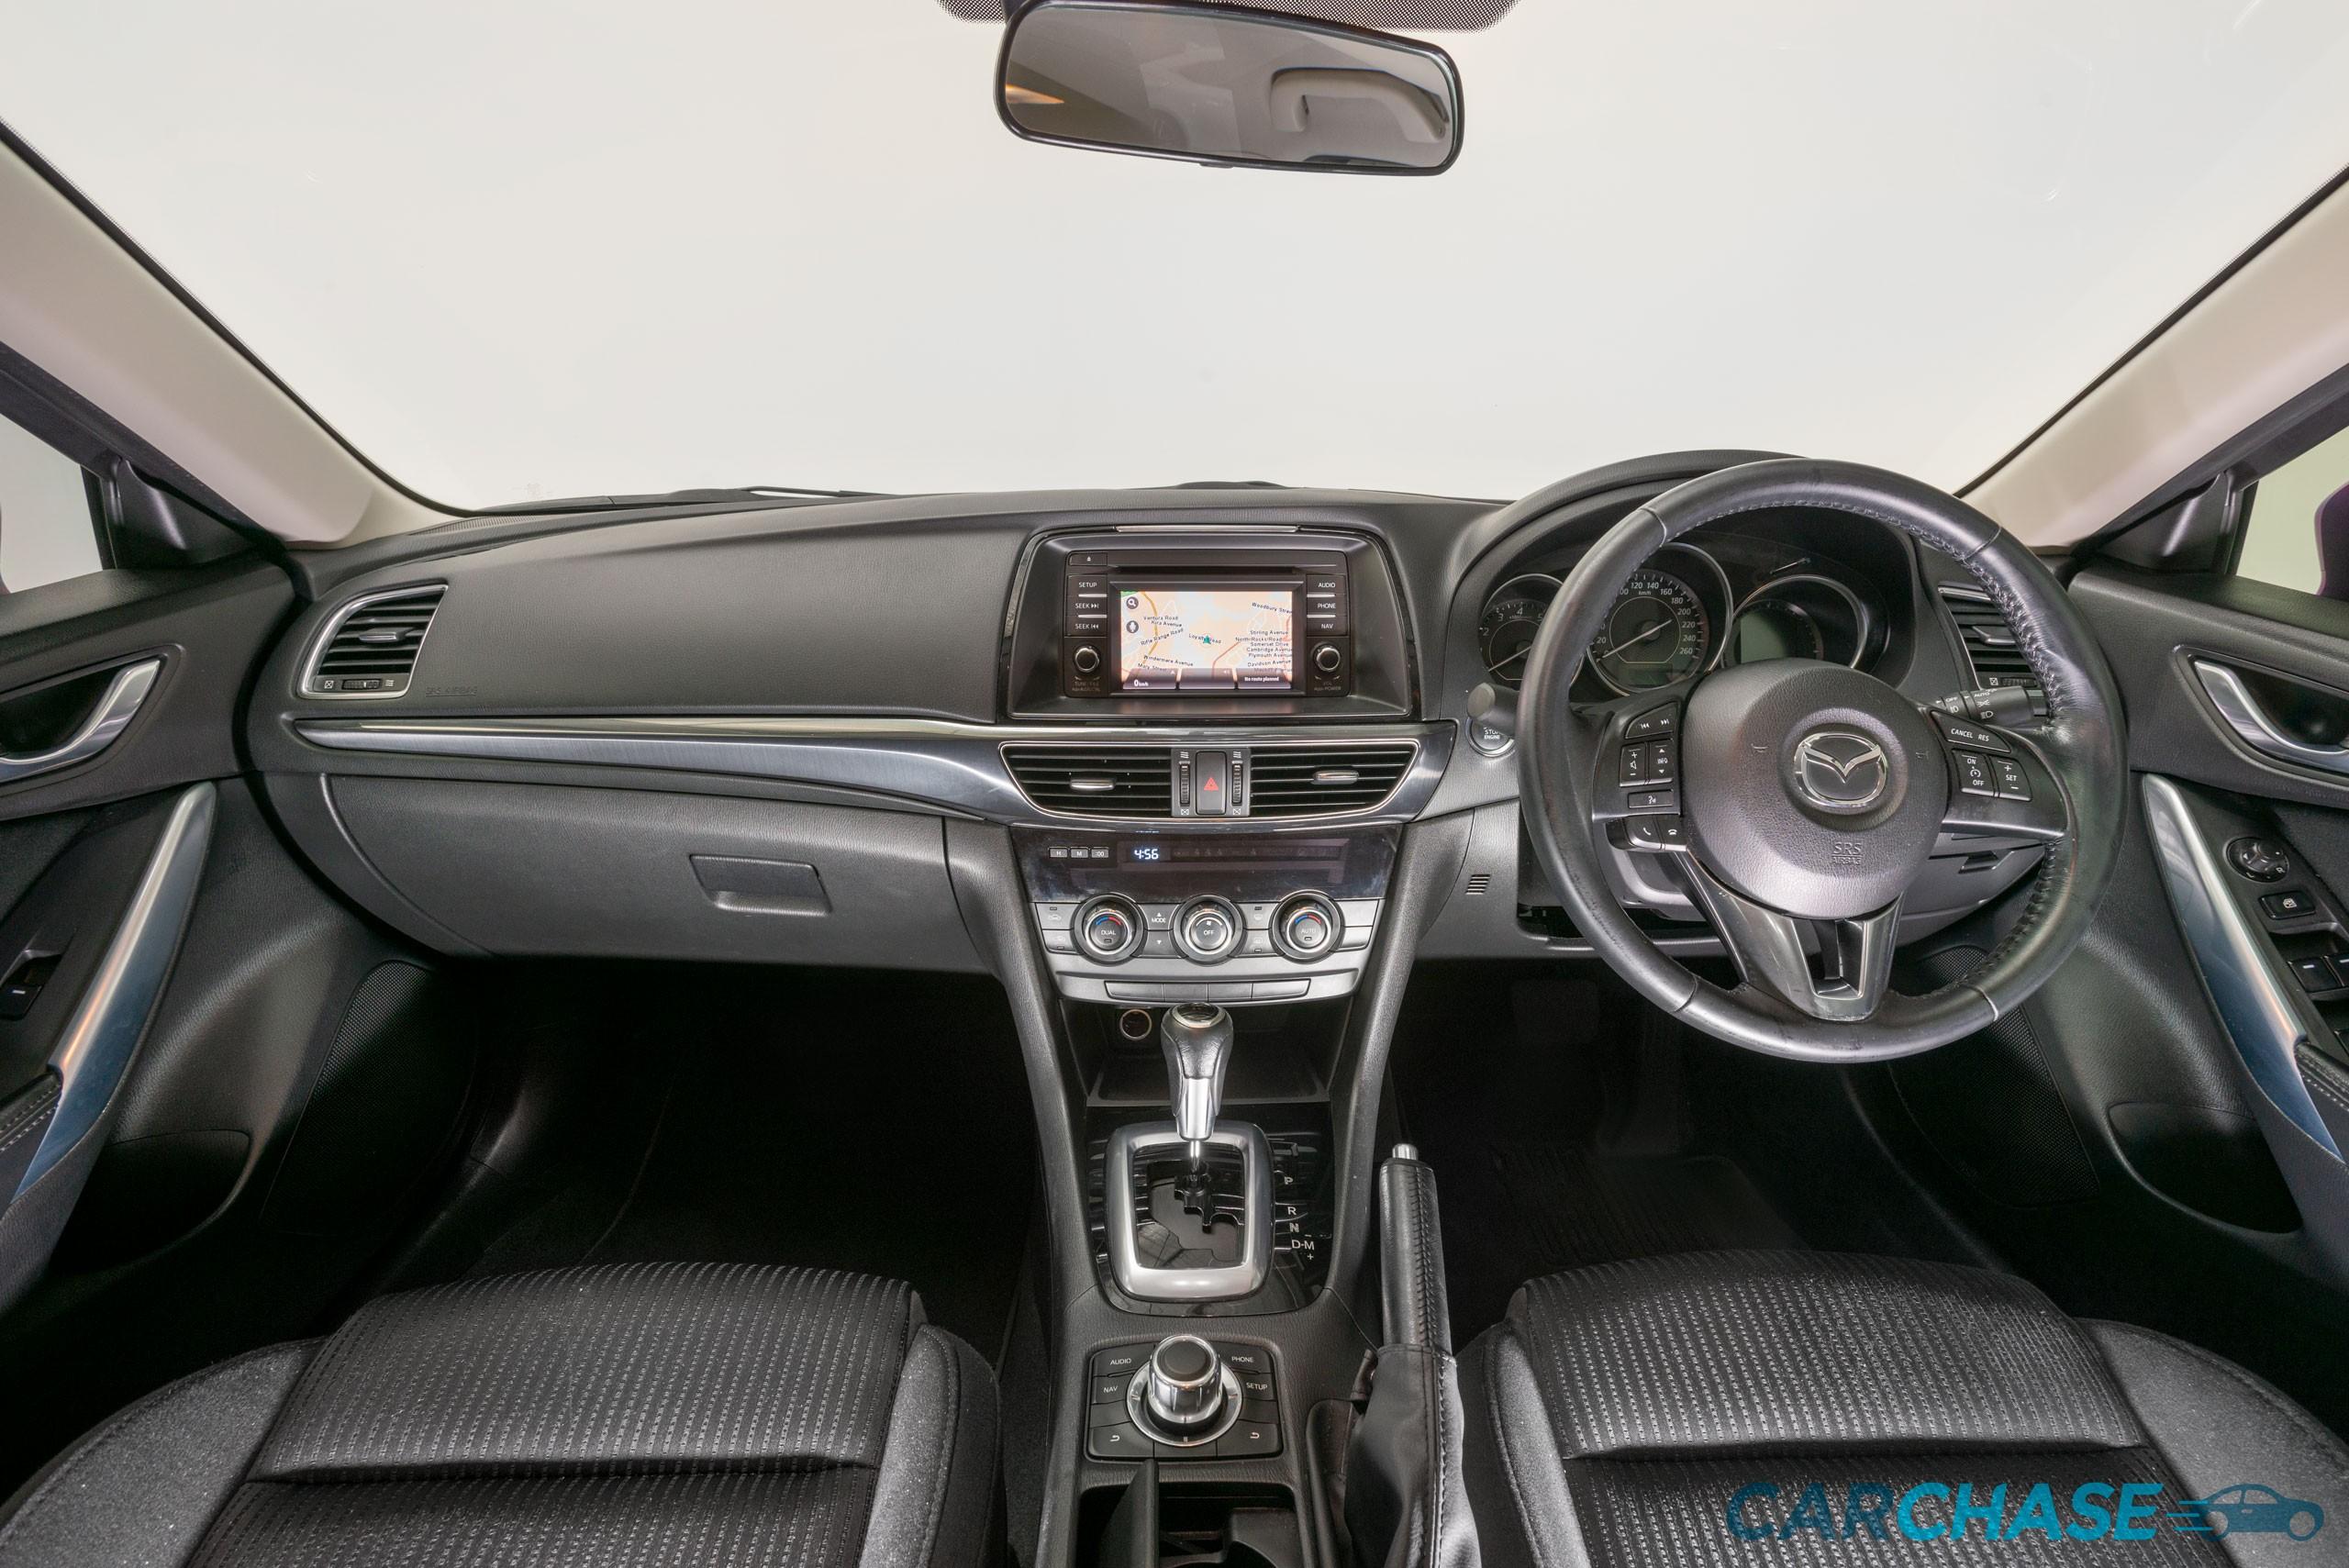 Image 5/10 of 2013 Mazda 6 GJ